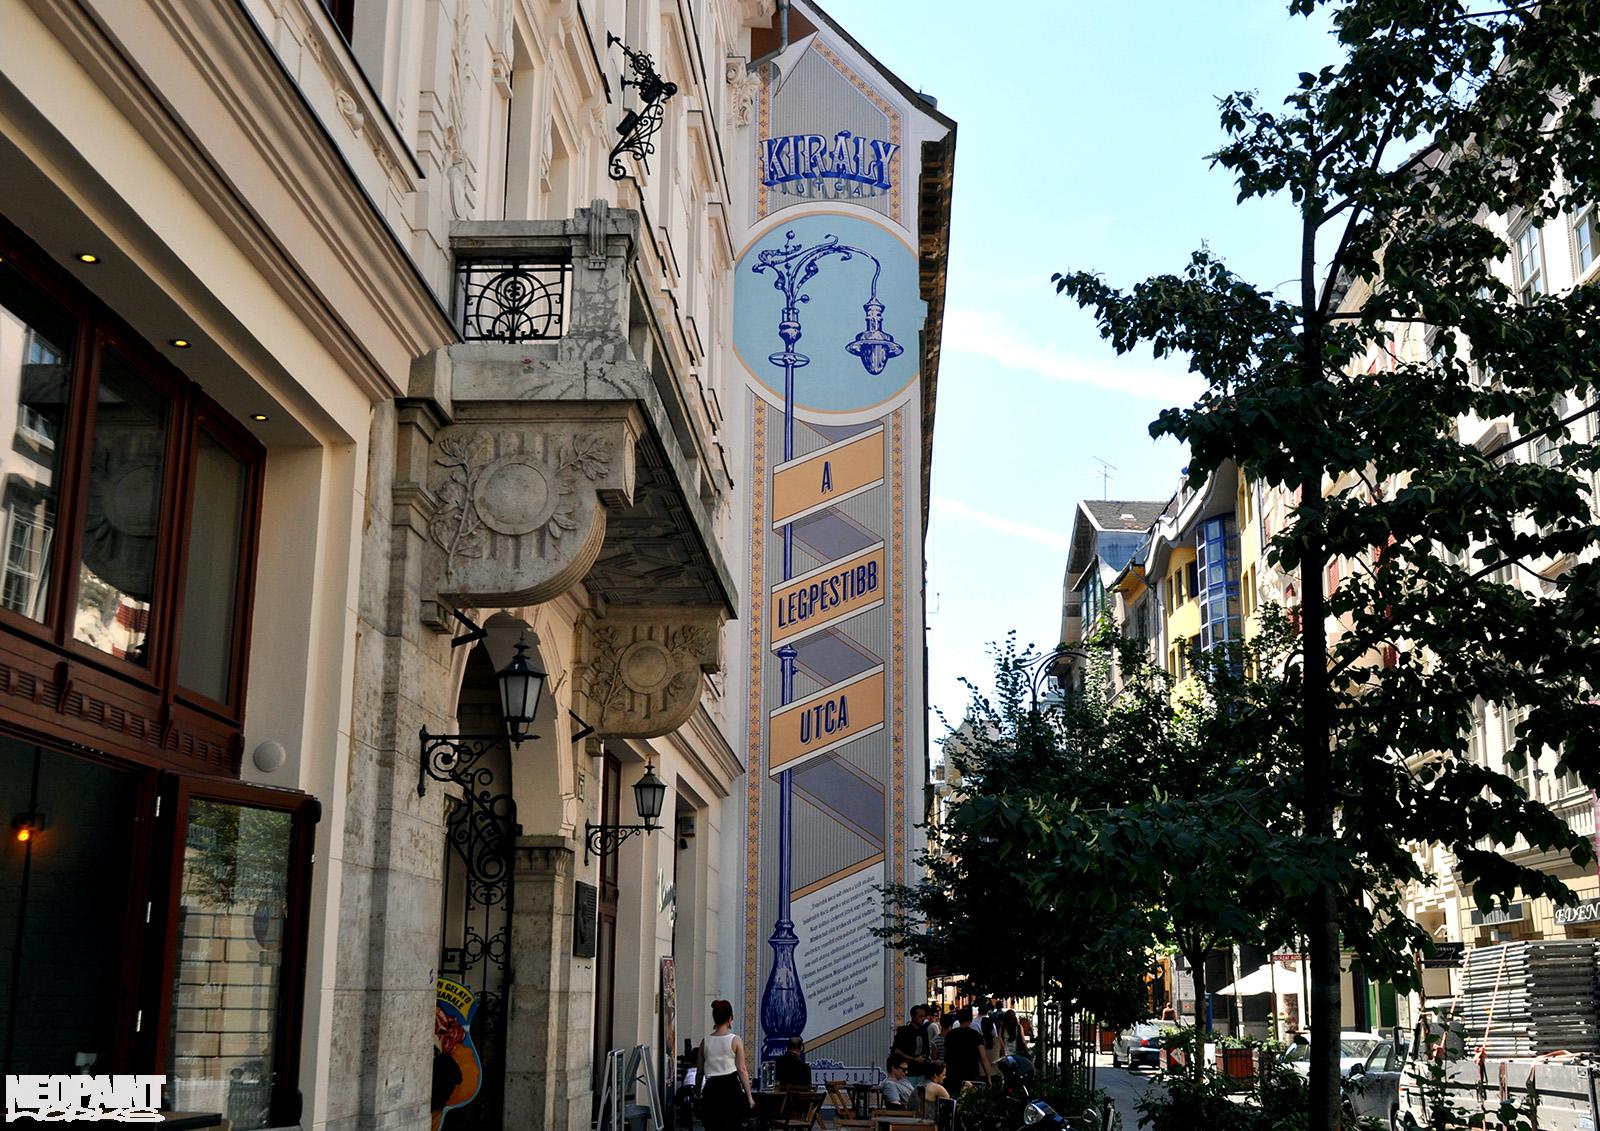 épület festés dekoráció - neopaint works - krúdy - király utca (1)